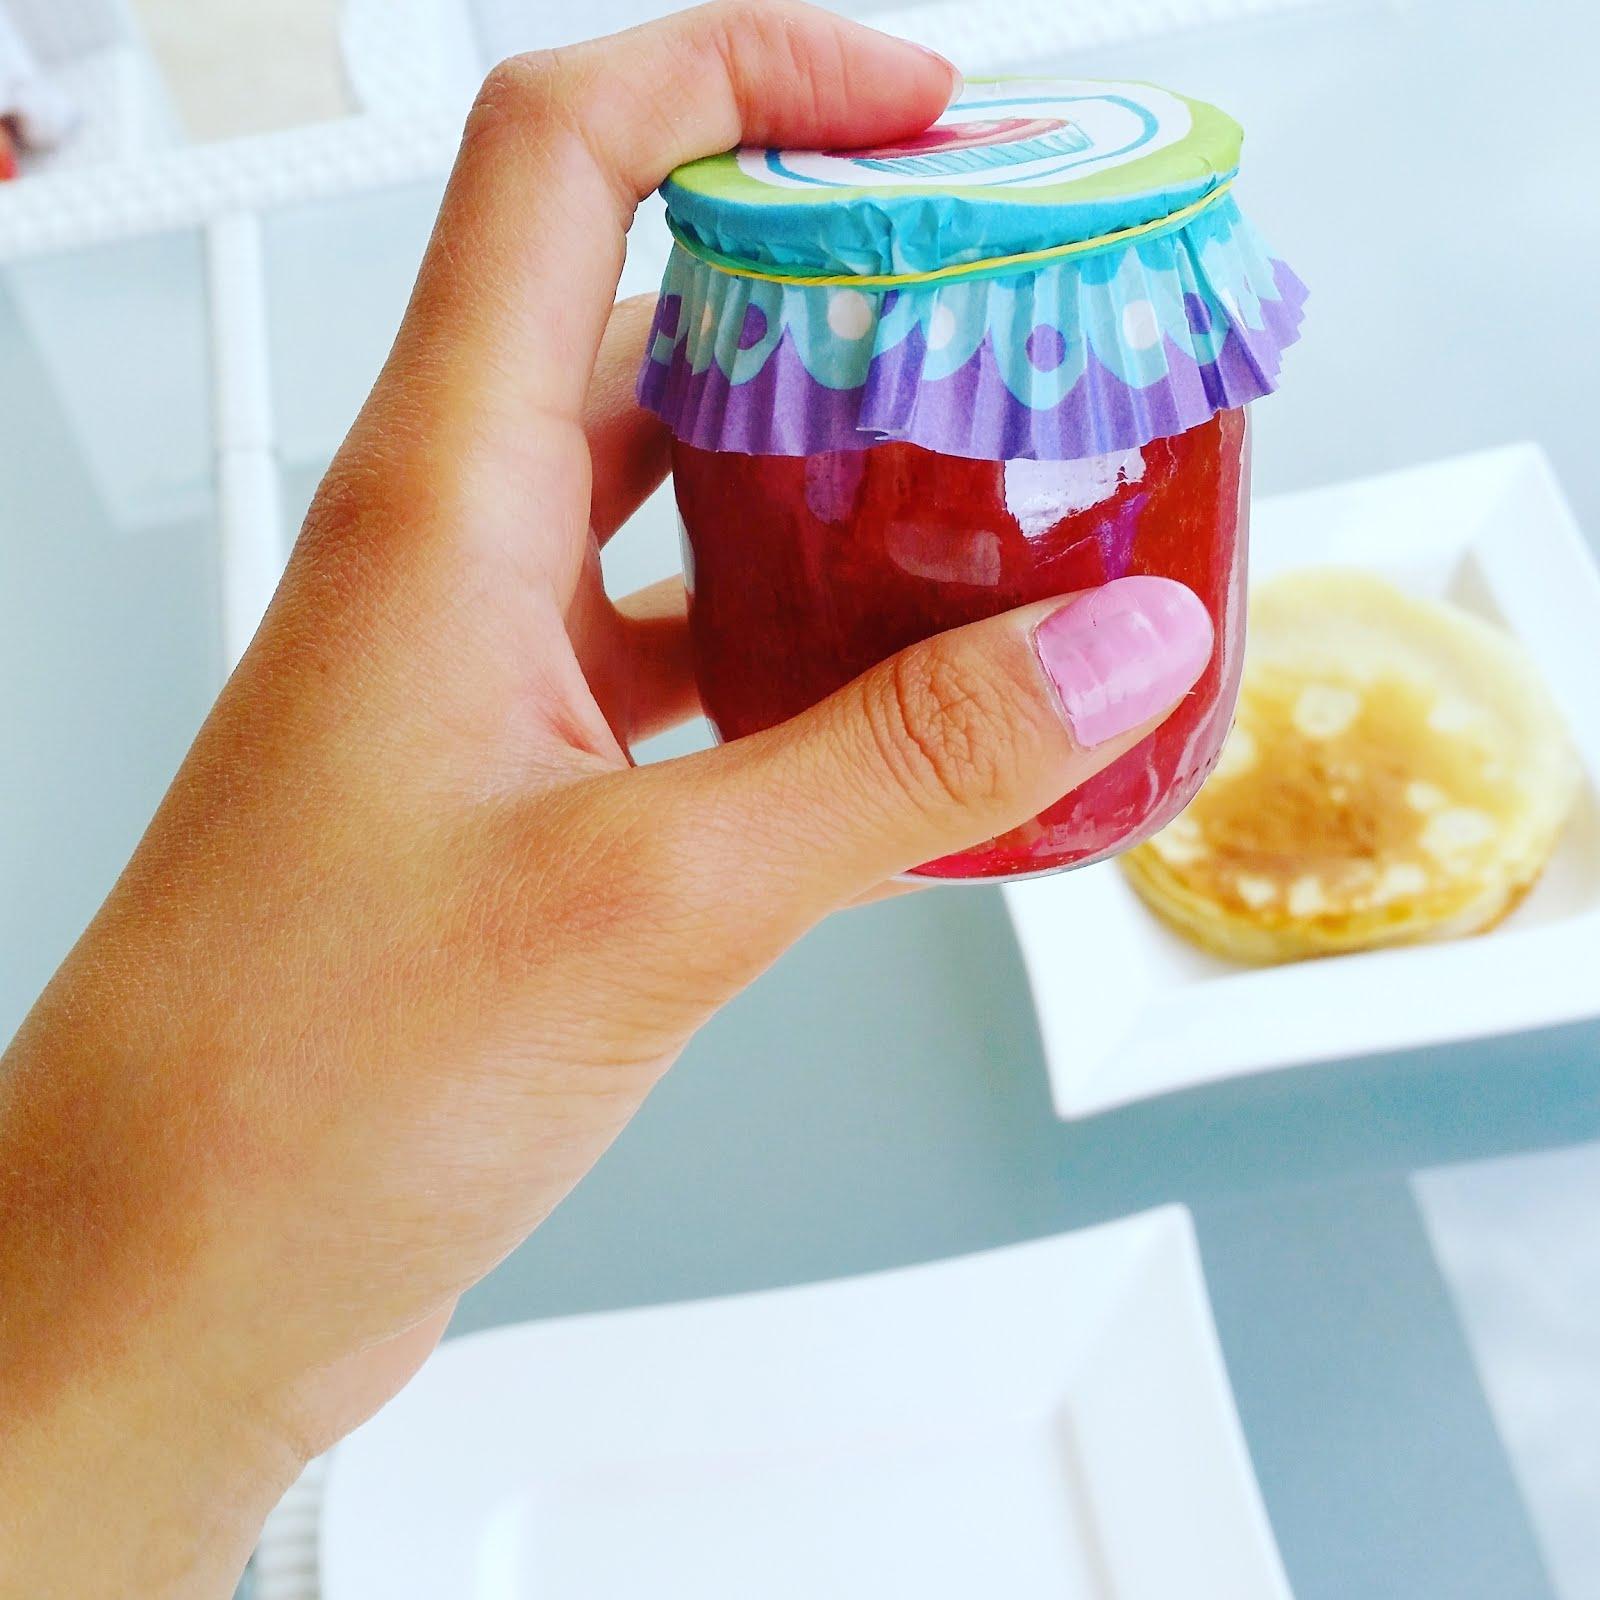 Zapraszam na blog kulinarny: zdrowe - smaczne